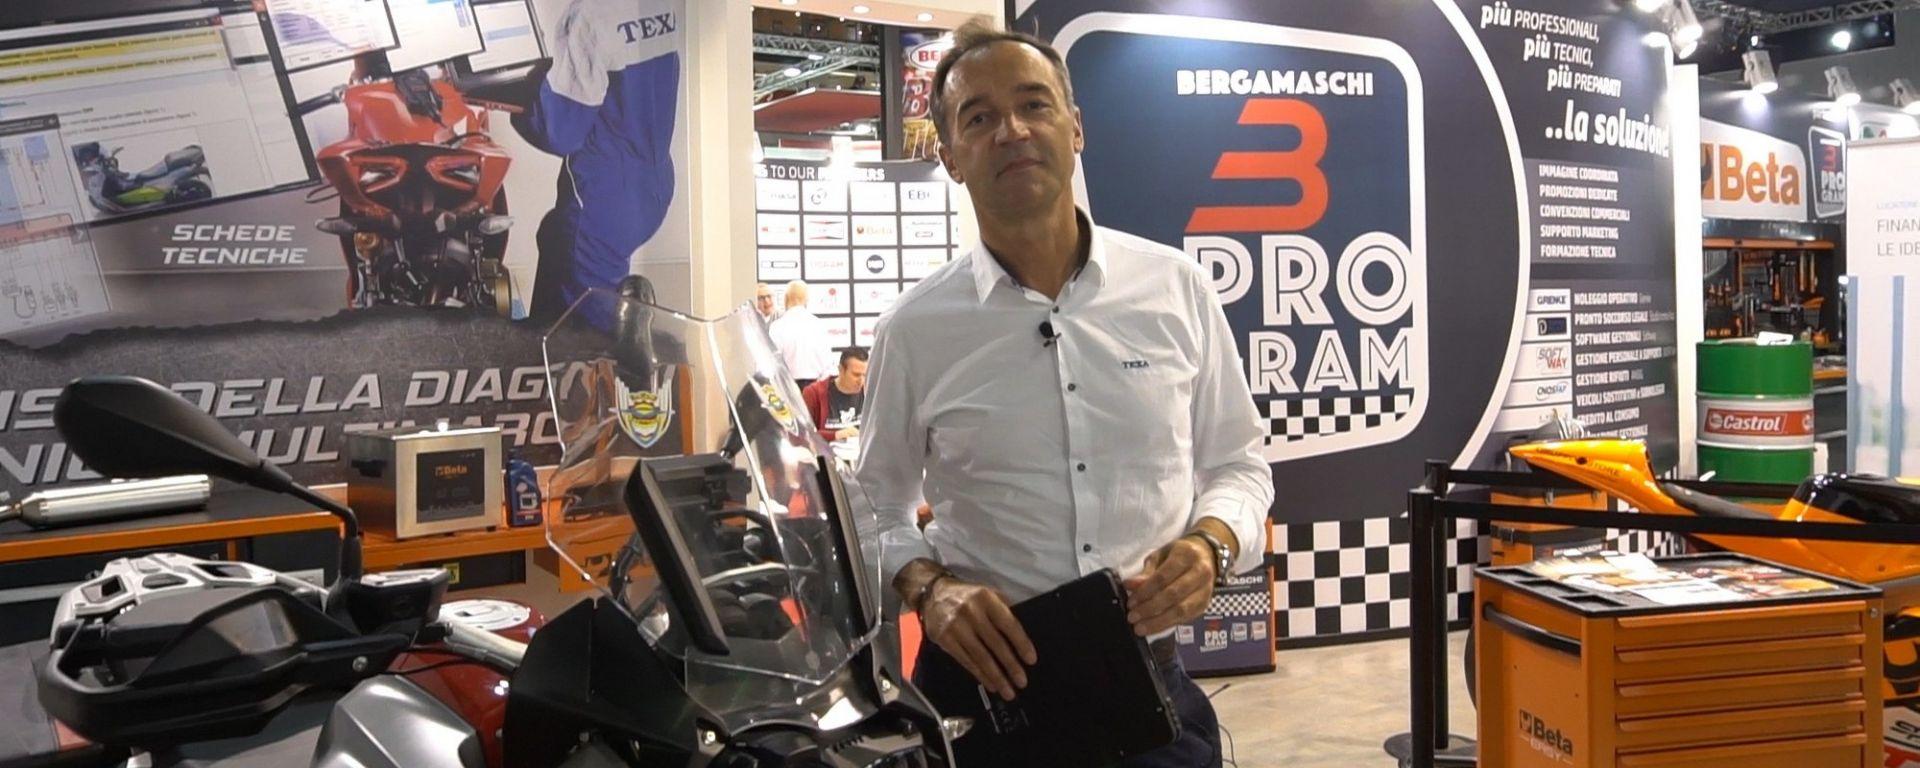 Bergamaschi B Program per la formazione professionale [VIDEO]